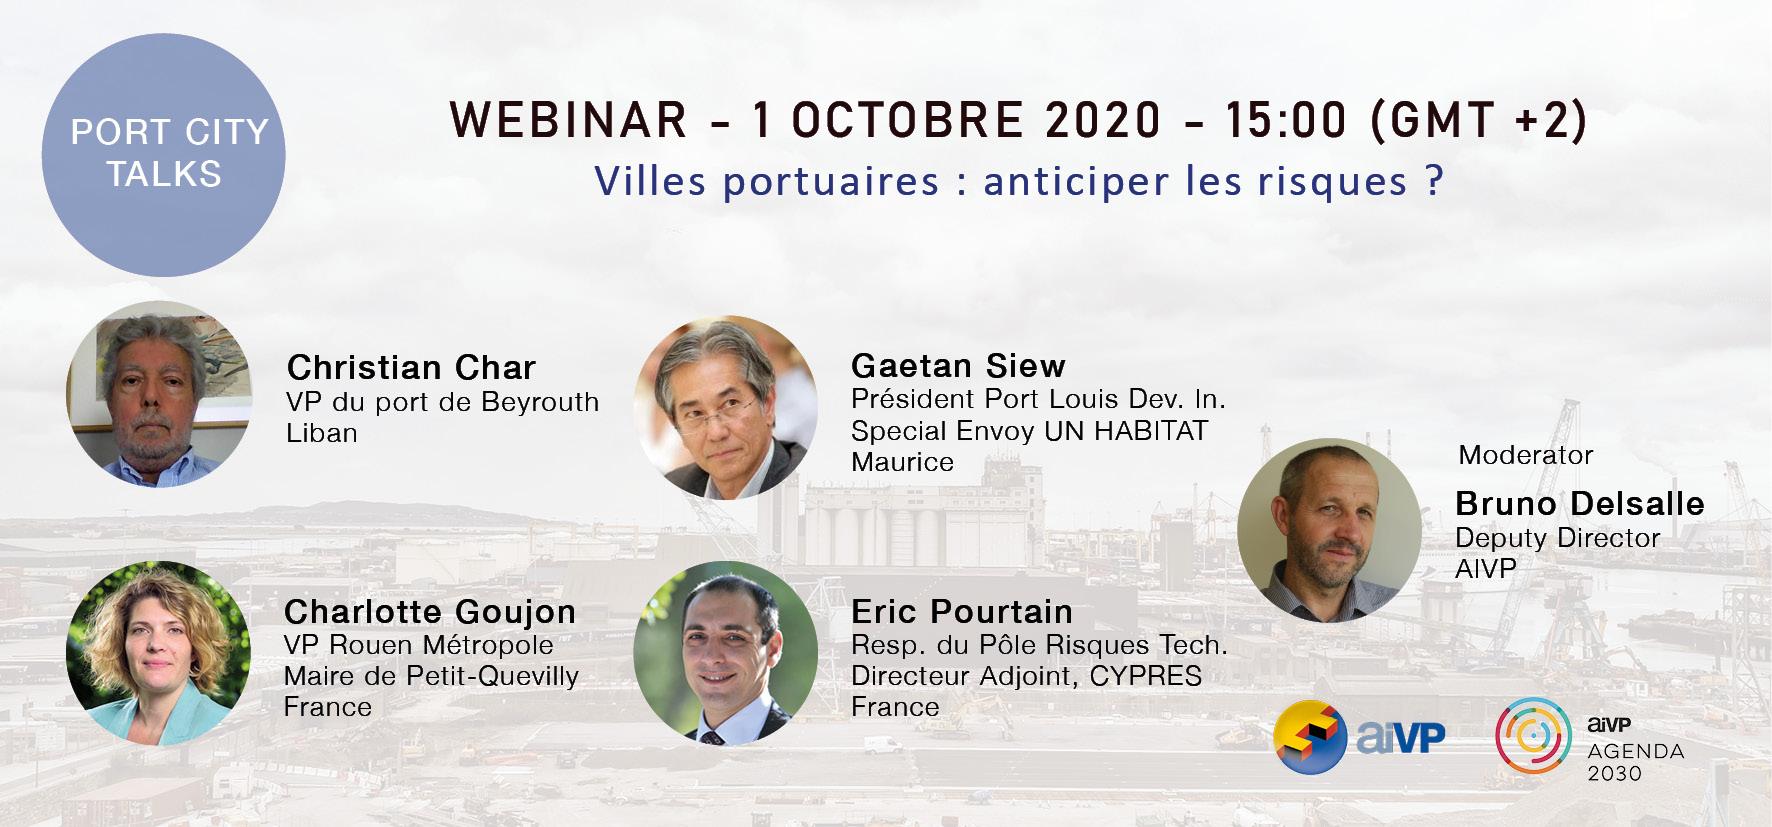 Villes portuaires : anticiper les risques ?